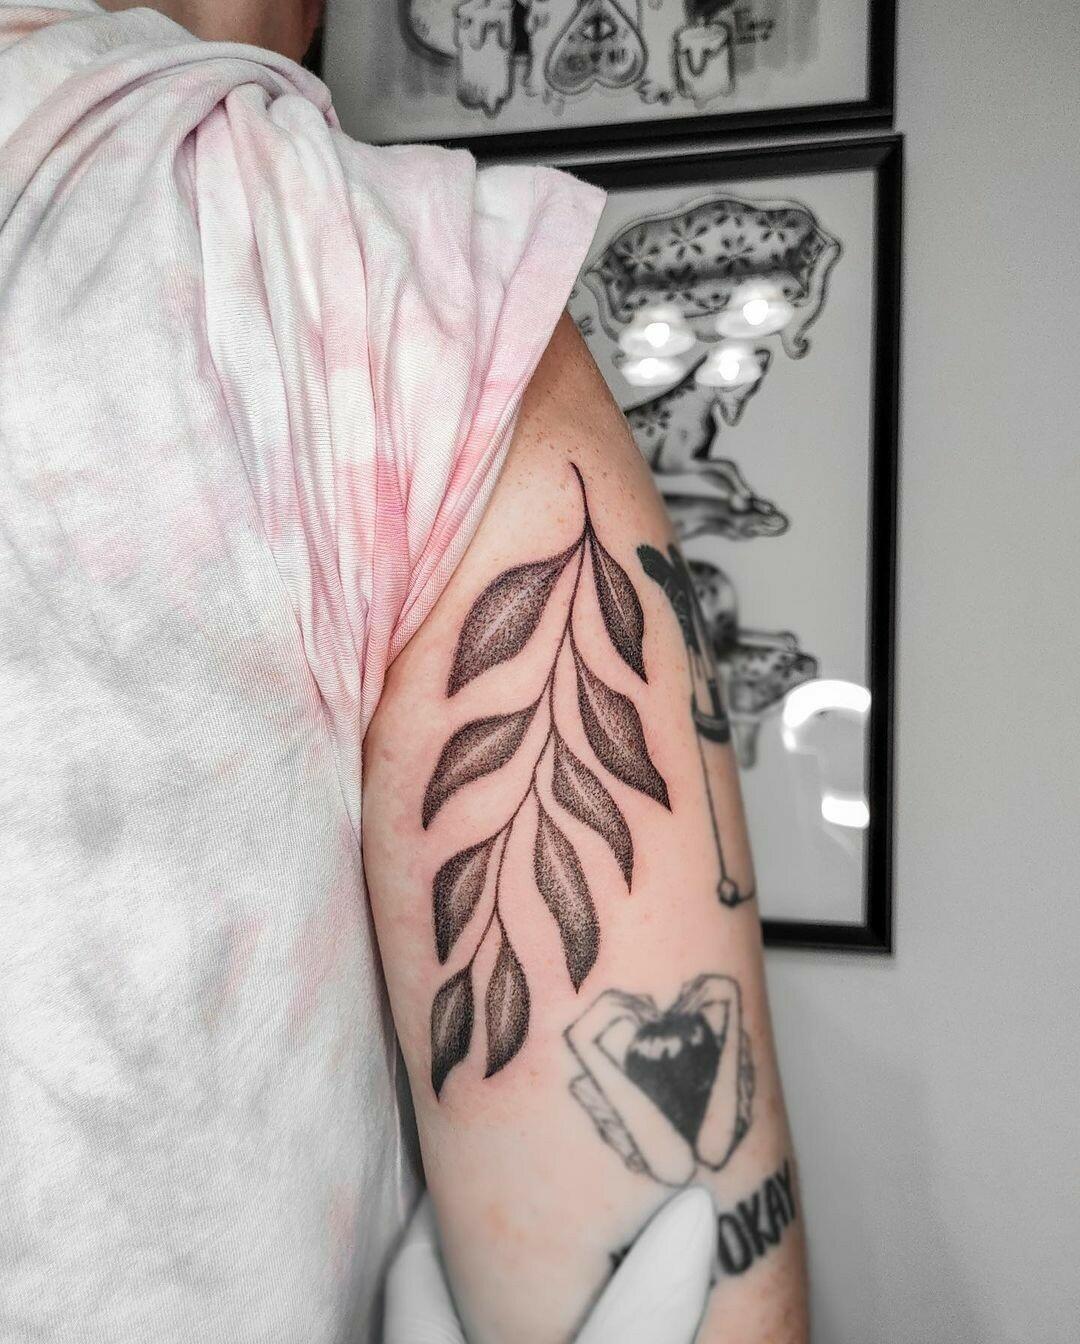 Inksearch tattoo kaczmi.tattoo